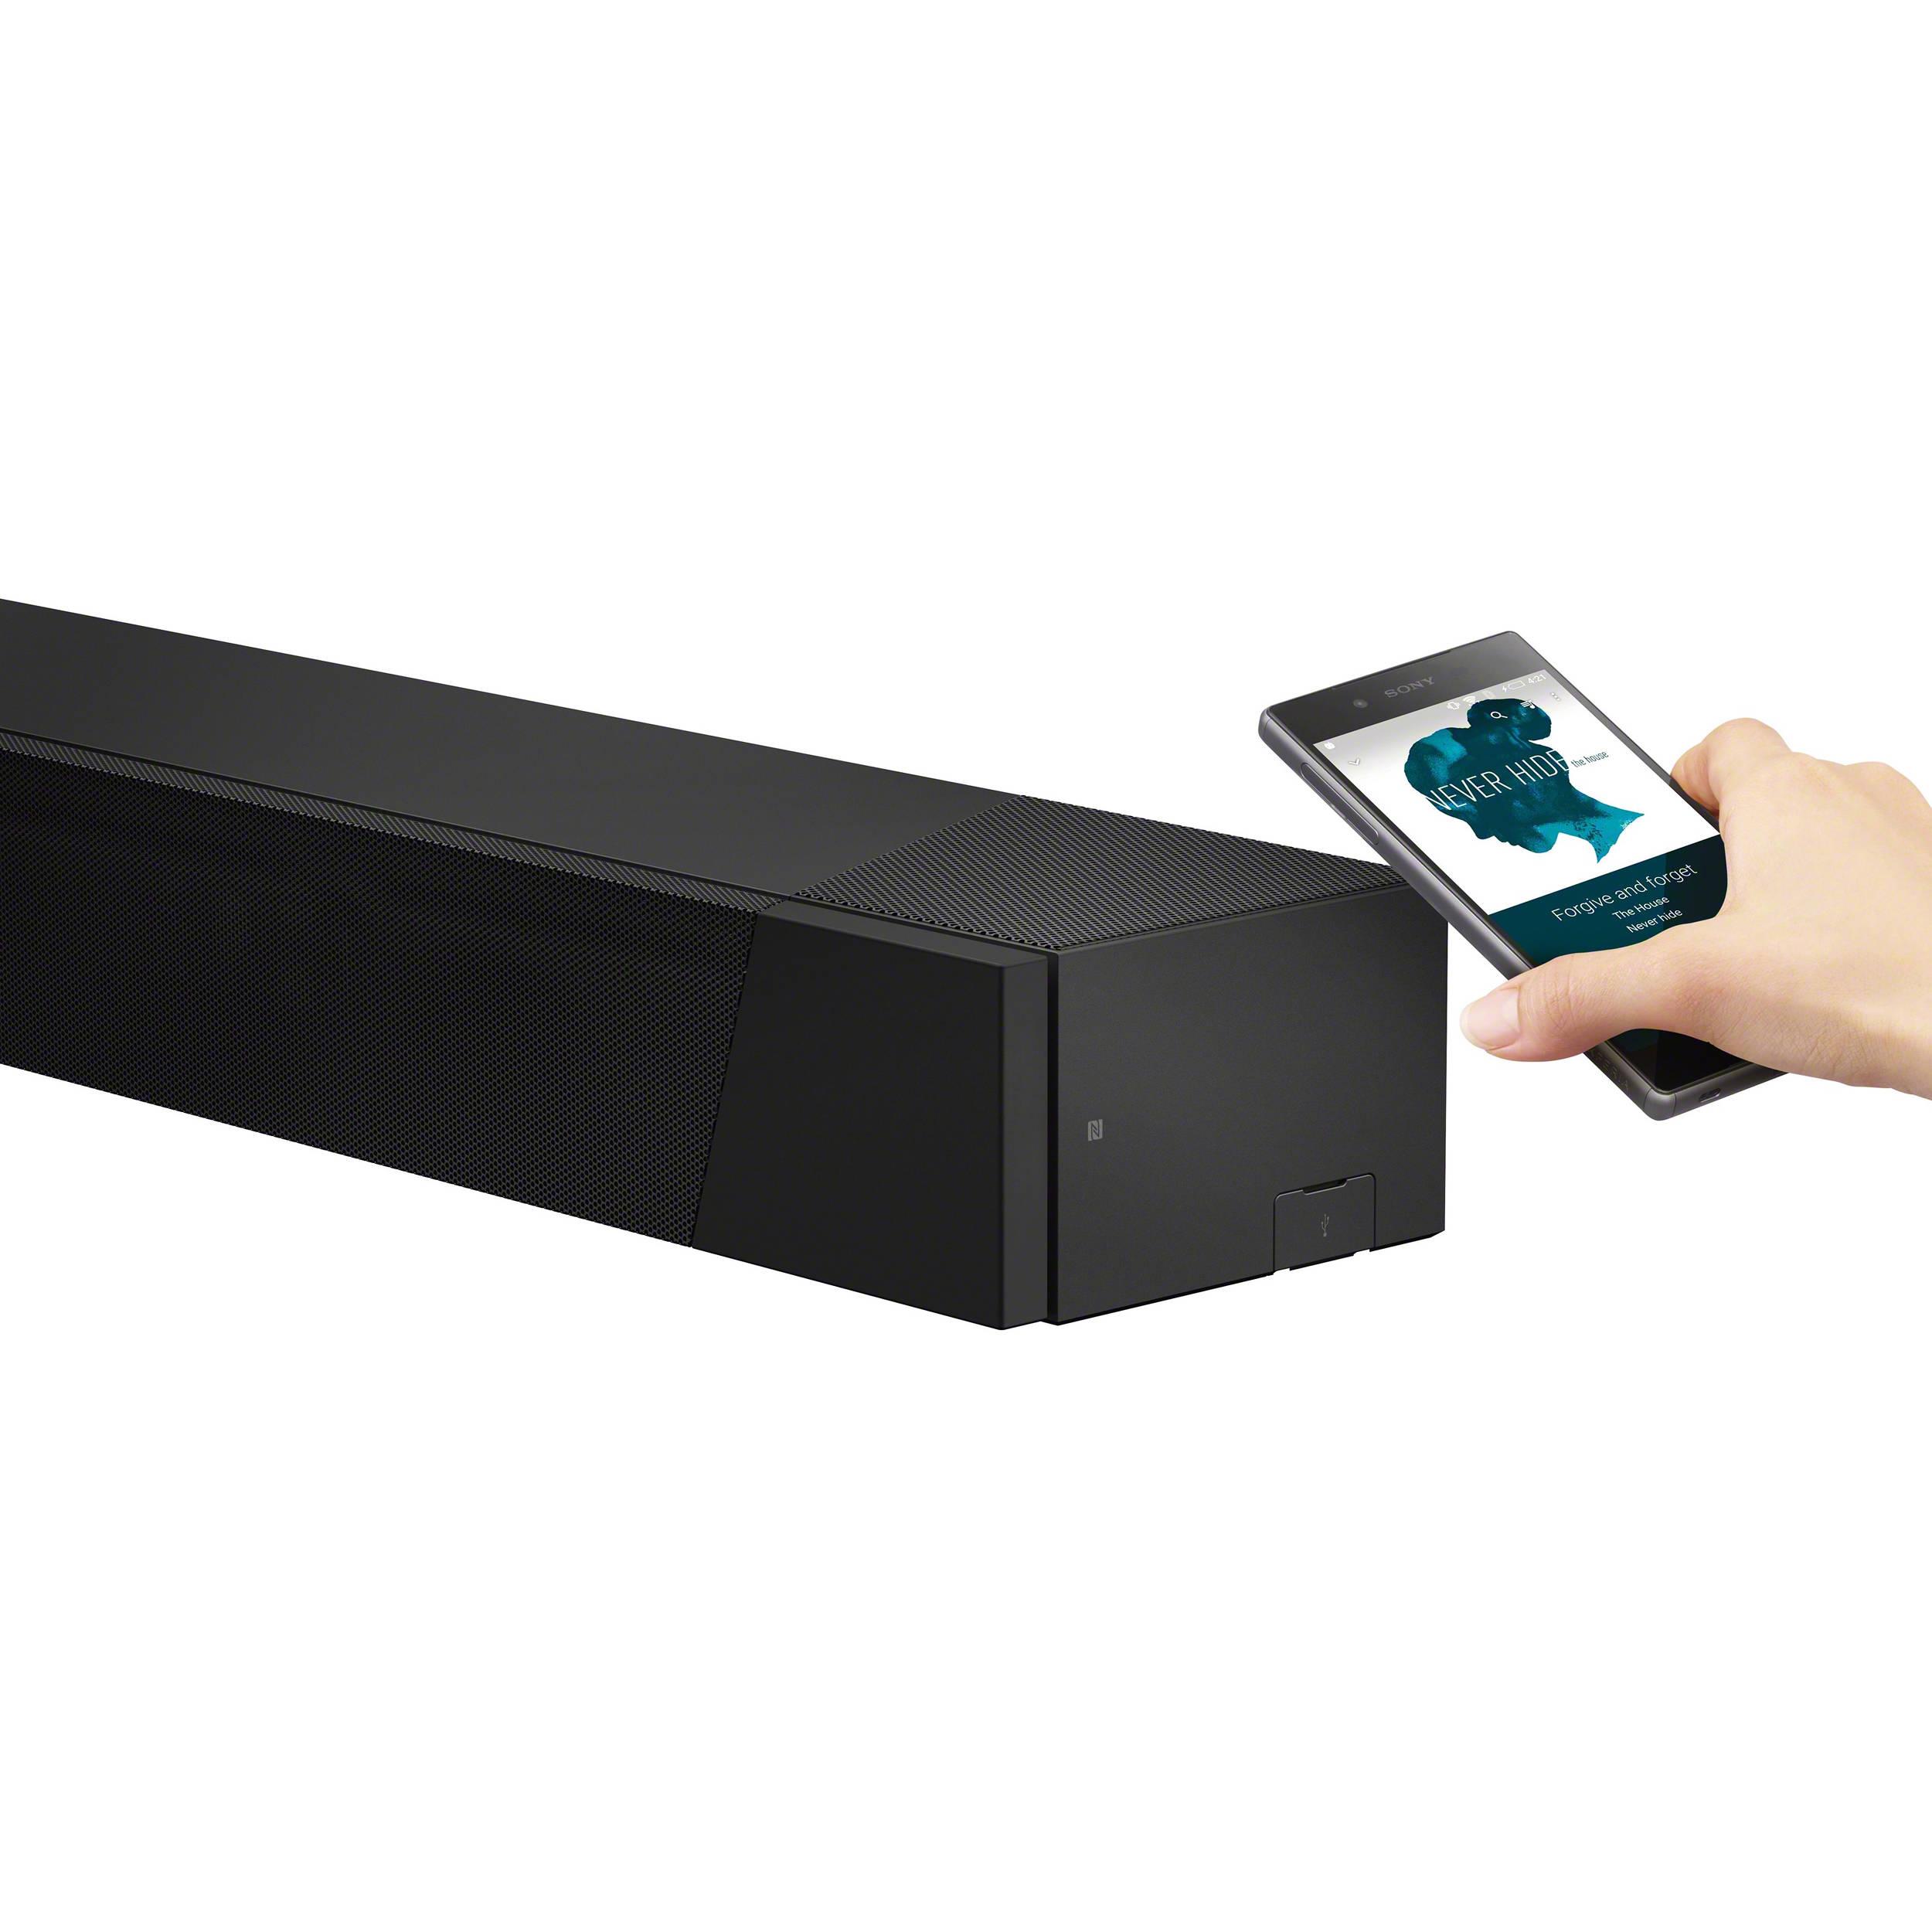 Sony HT-ST5000 800W 7 1 2-Channel Soundbar System